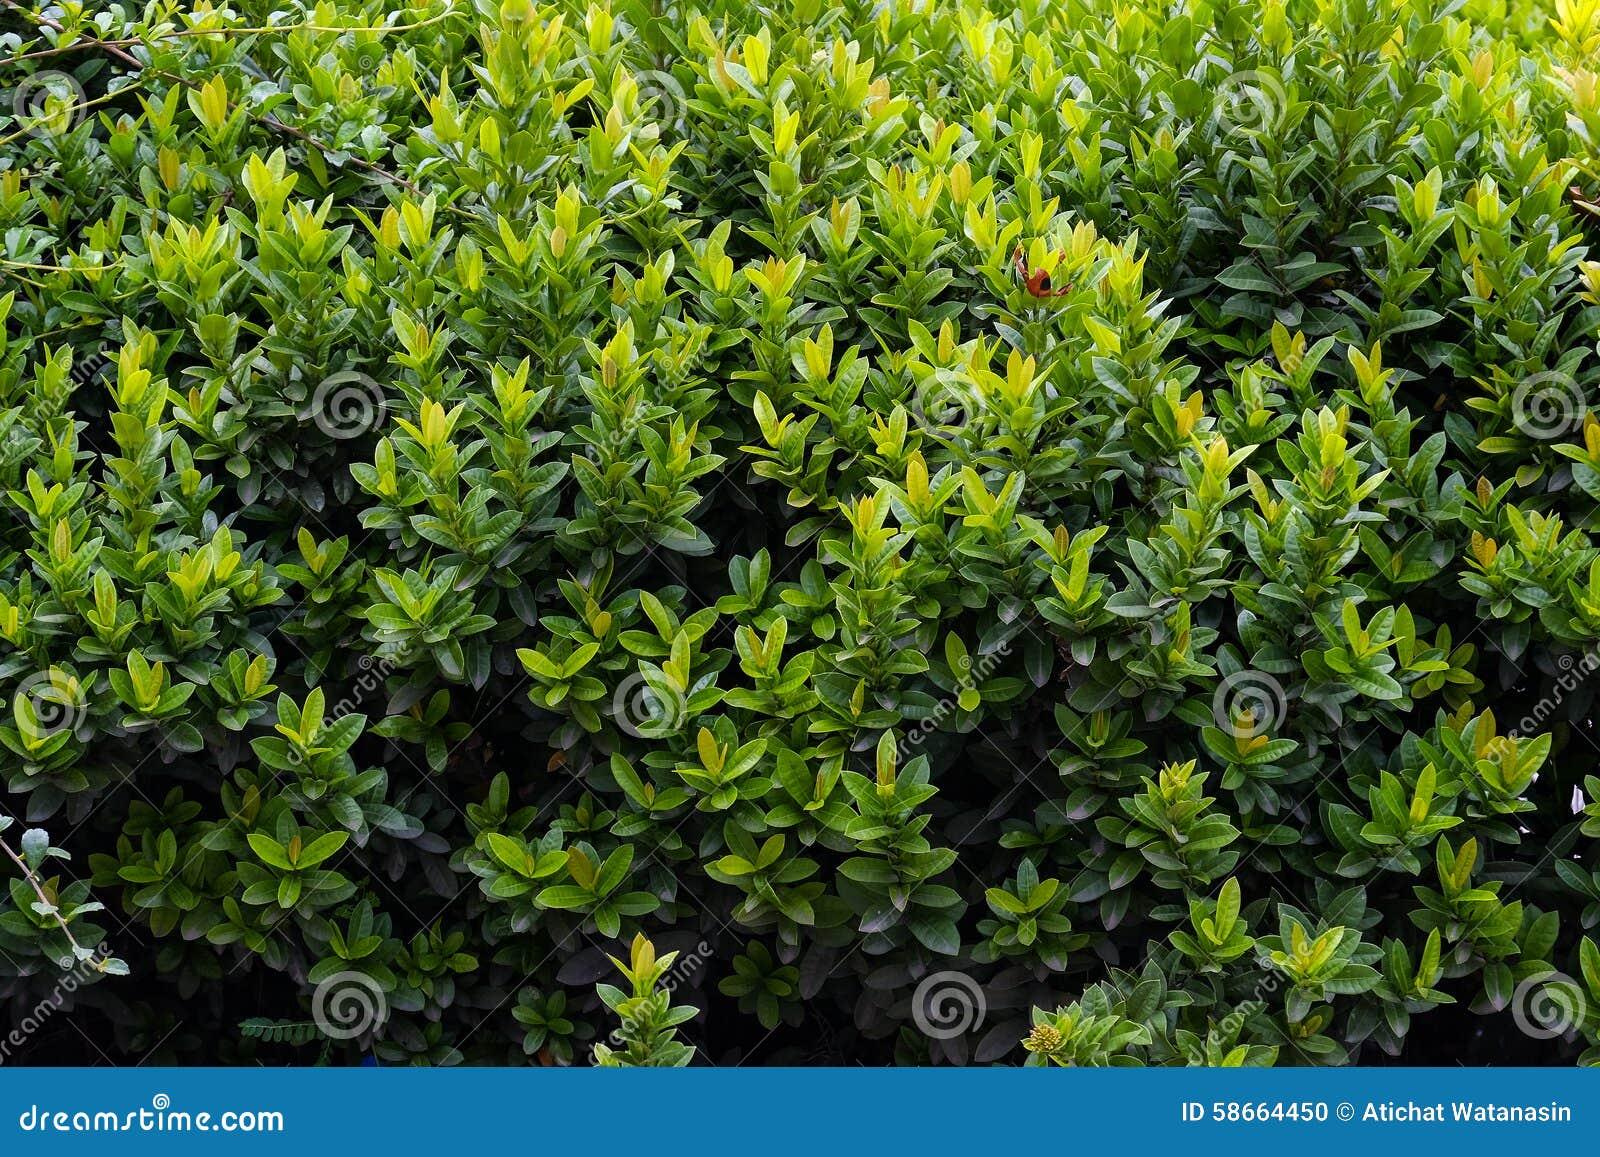 Arbusto verde en el jard n foto de archivo imagen 58664450 - Arbustos de jardin ...